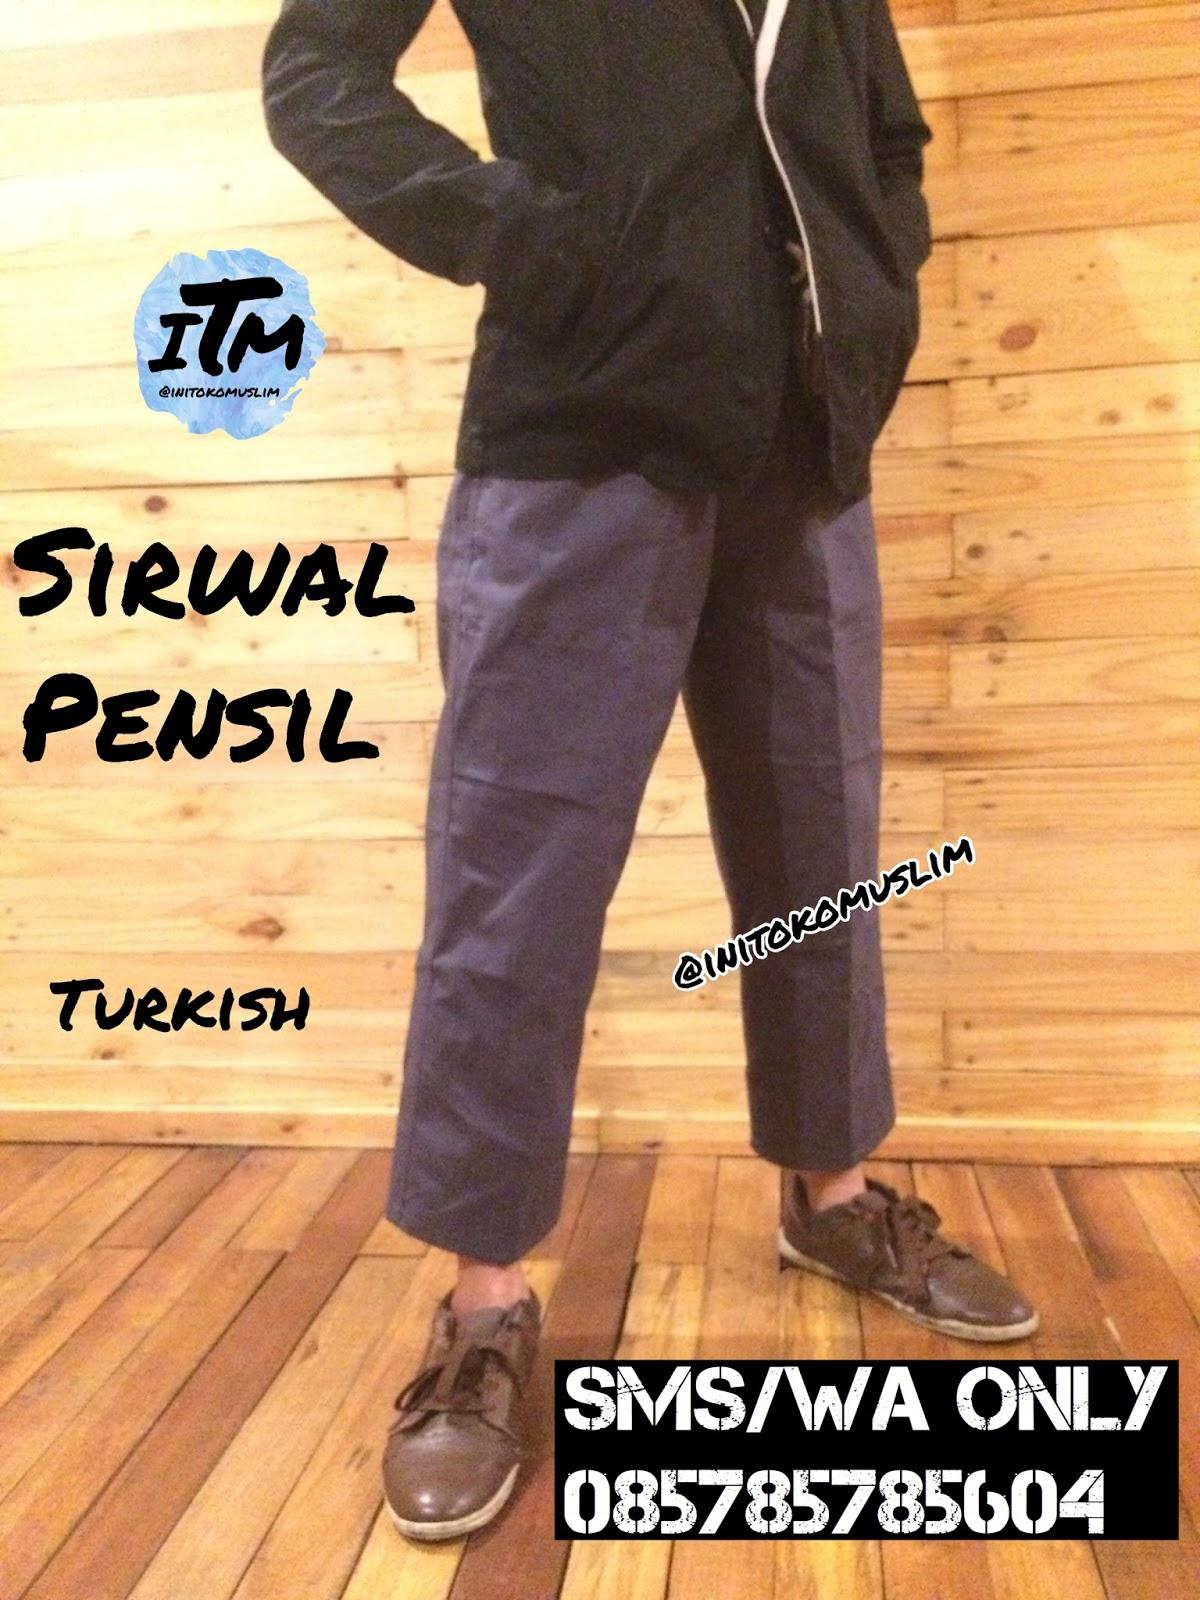 Grosir Celana Sirwal Surabaya 085785785604 Sms Wa Only Syari Sunah Busana Muslim Pria Cingkrang Jadi Ketika Di Sebutkan Sebuah Produk Maka Kebanyakan Kita Langsung Tertuju Arah Fikirannya Dengan Yang Longgar